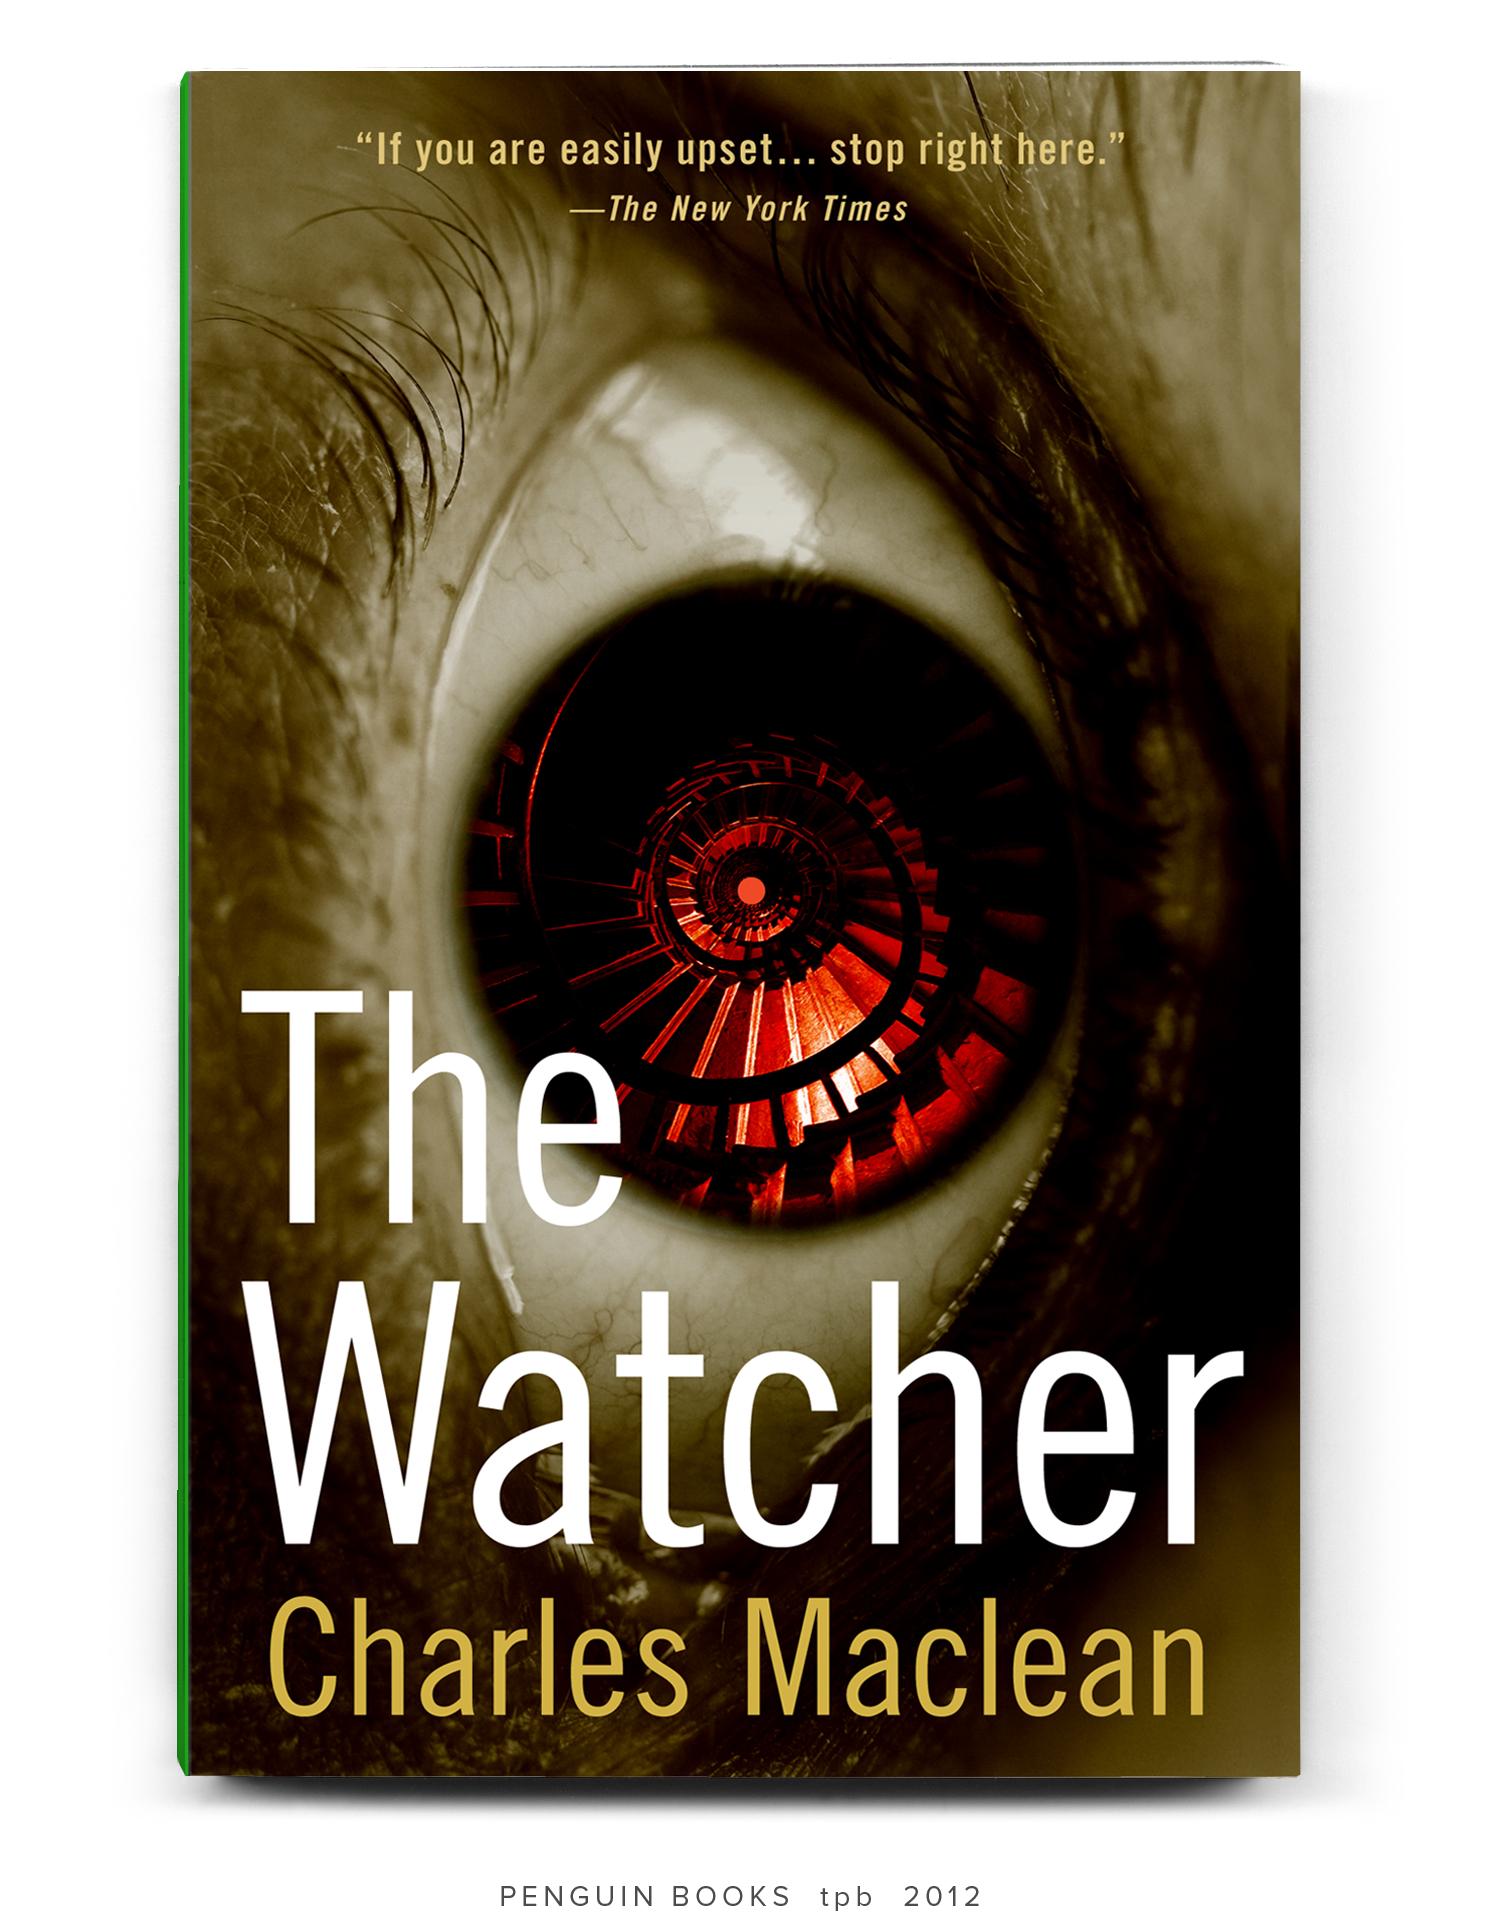 THE-WATCHER-tpb-ss6.jpg